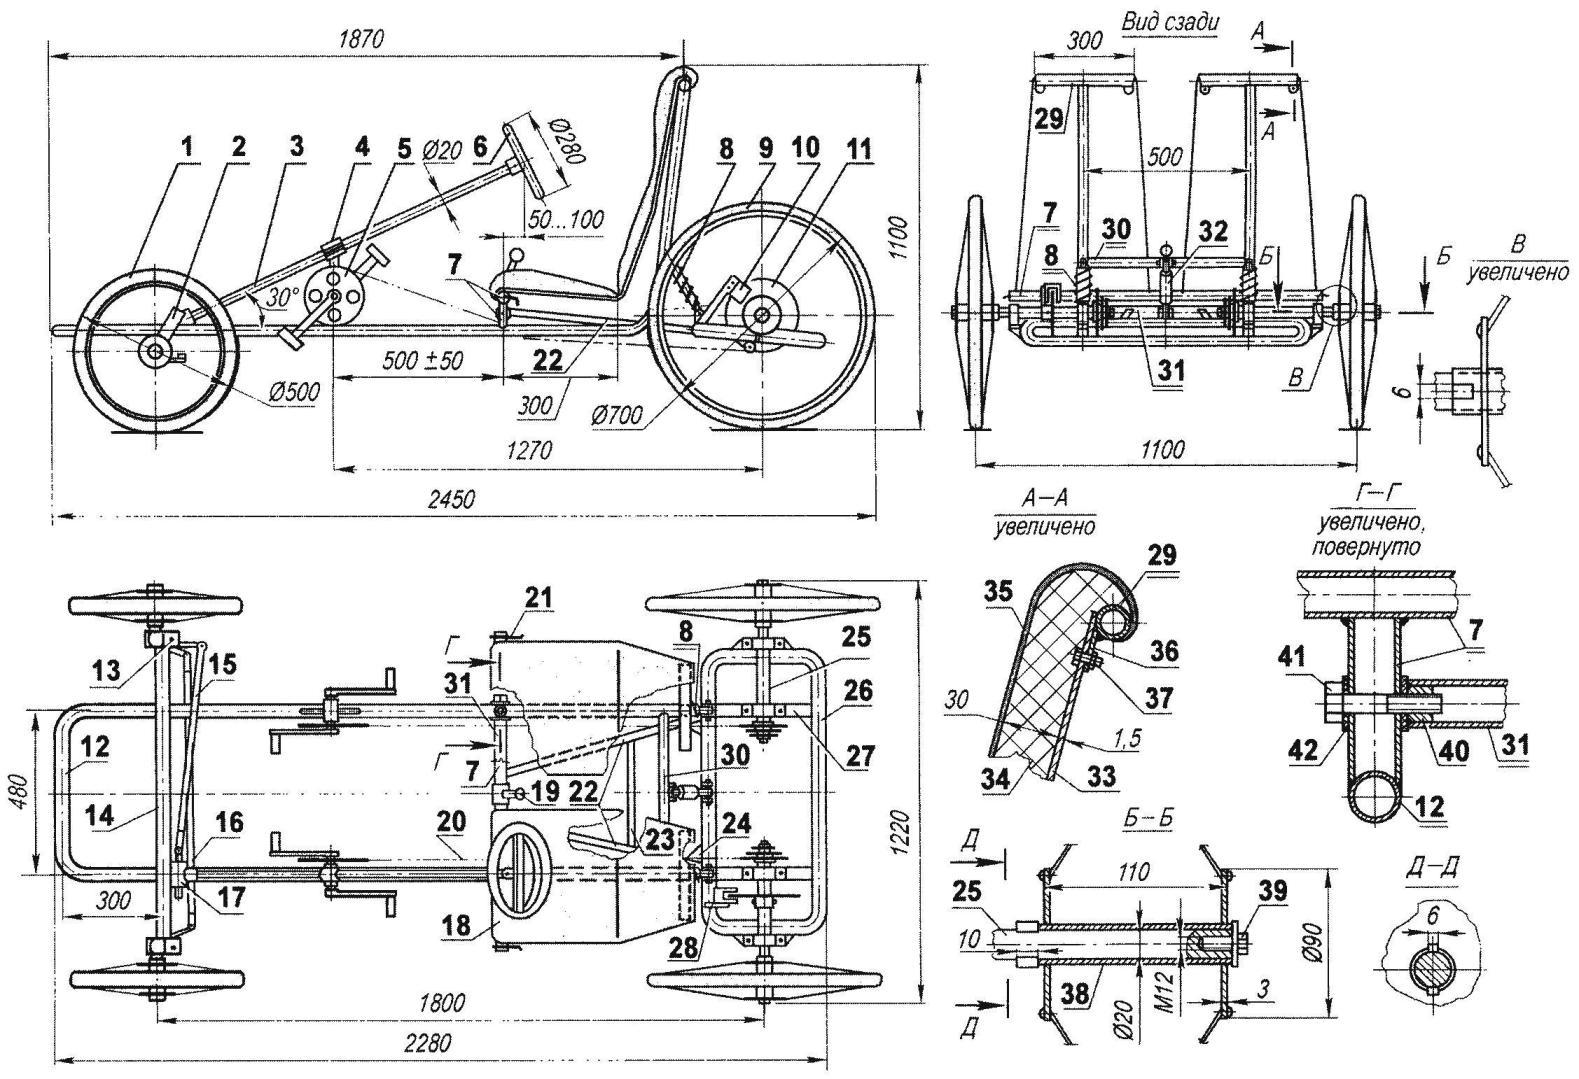 Как сделать трехколесные велосипед своими руками с чертежами